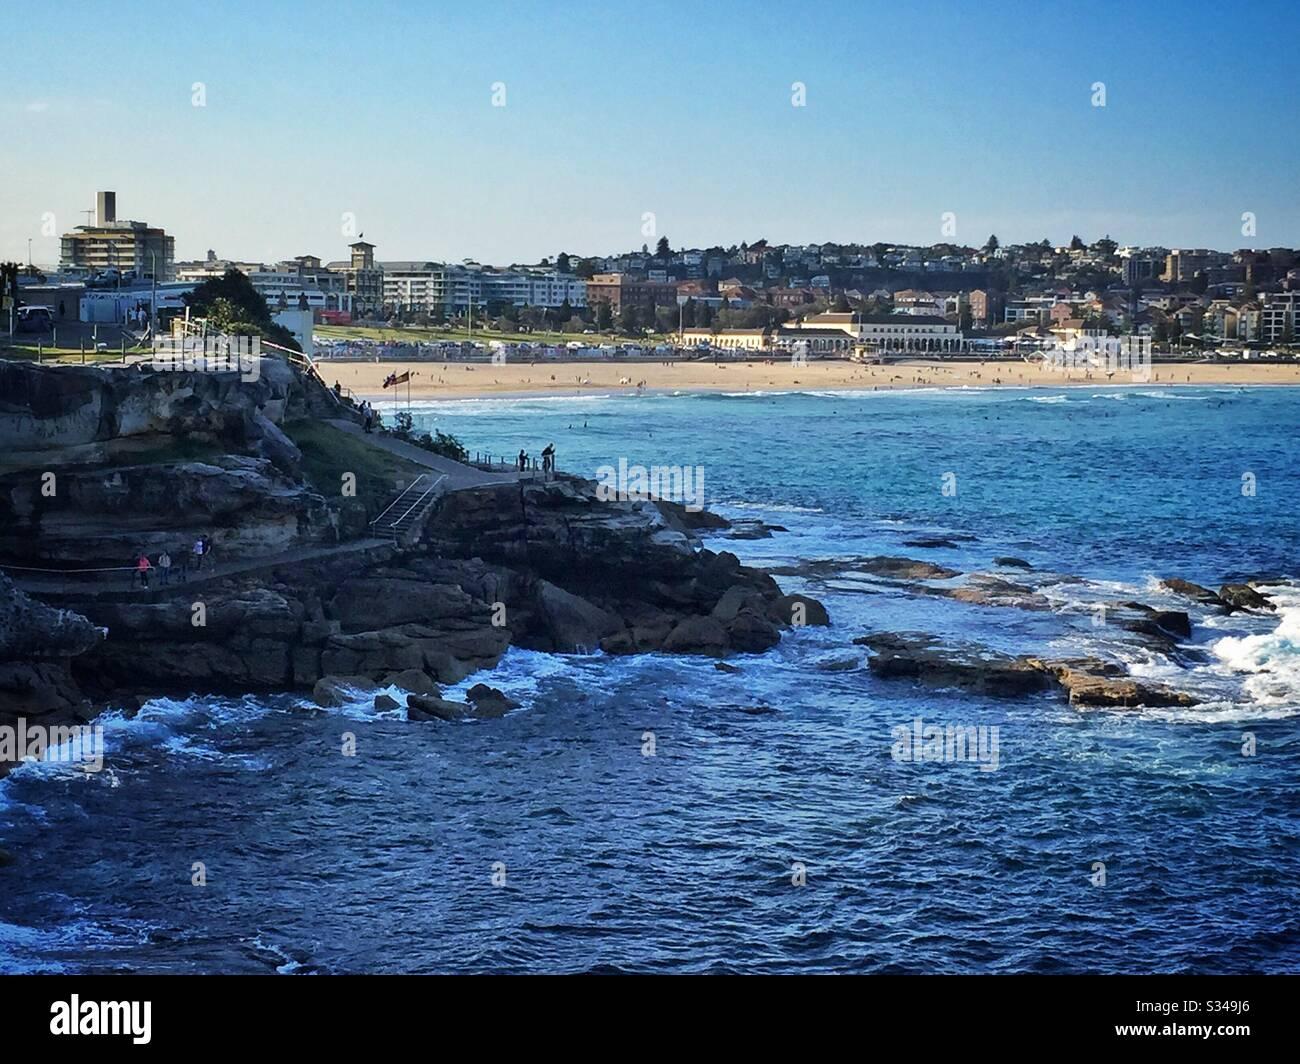 Bondi Beach from the Bondi to Coogee coastal walk, Sydney, NSW, Australia Stock Photo